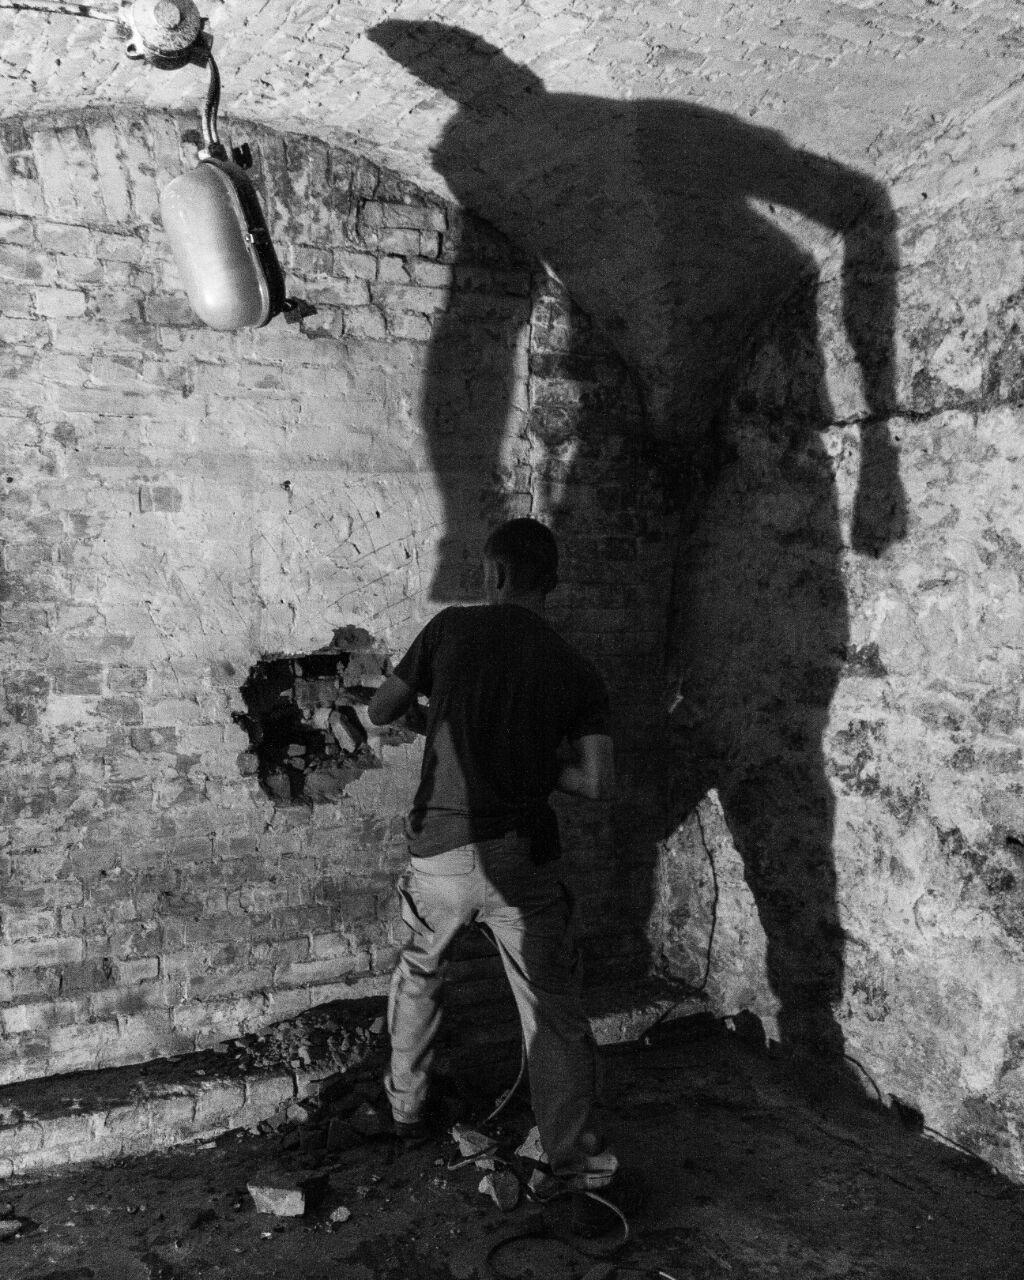 Криворожские исследователи-экстремалы помогают искать старинные купеческие катакомбы в Никополе, - ФОТО, фото-2